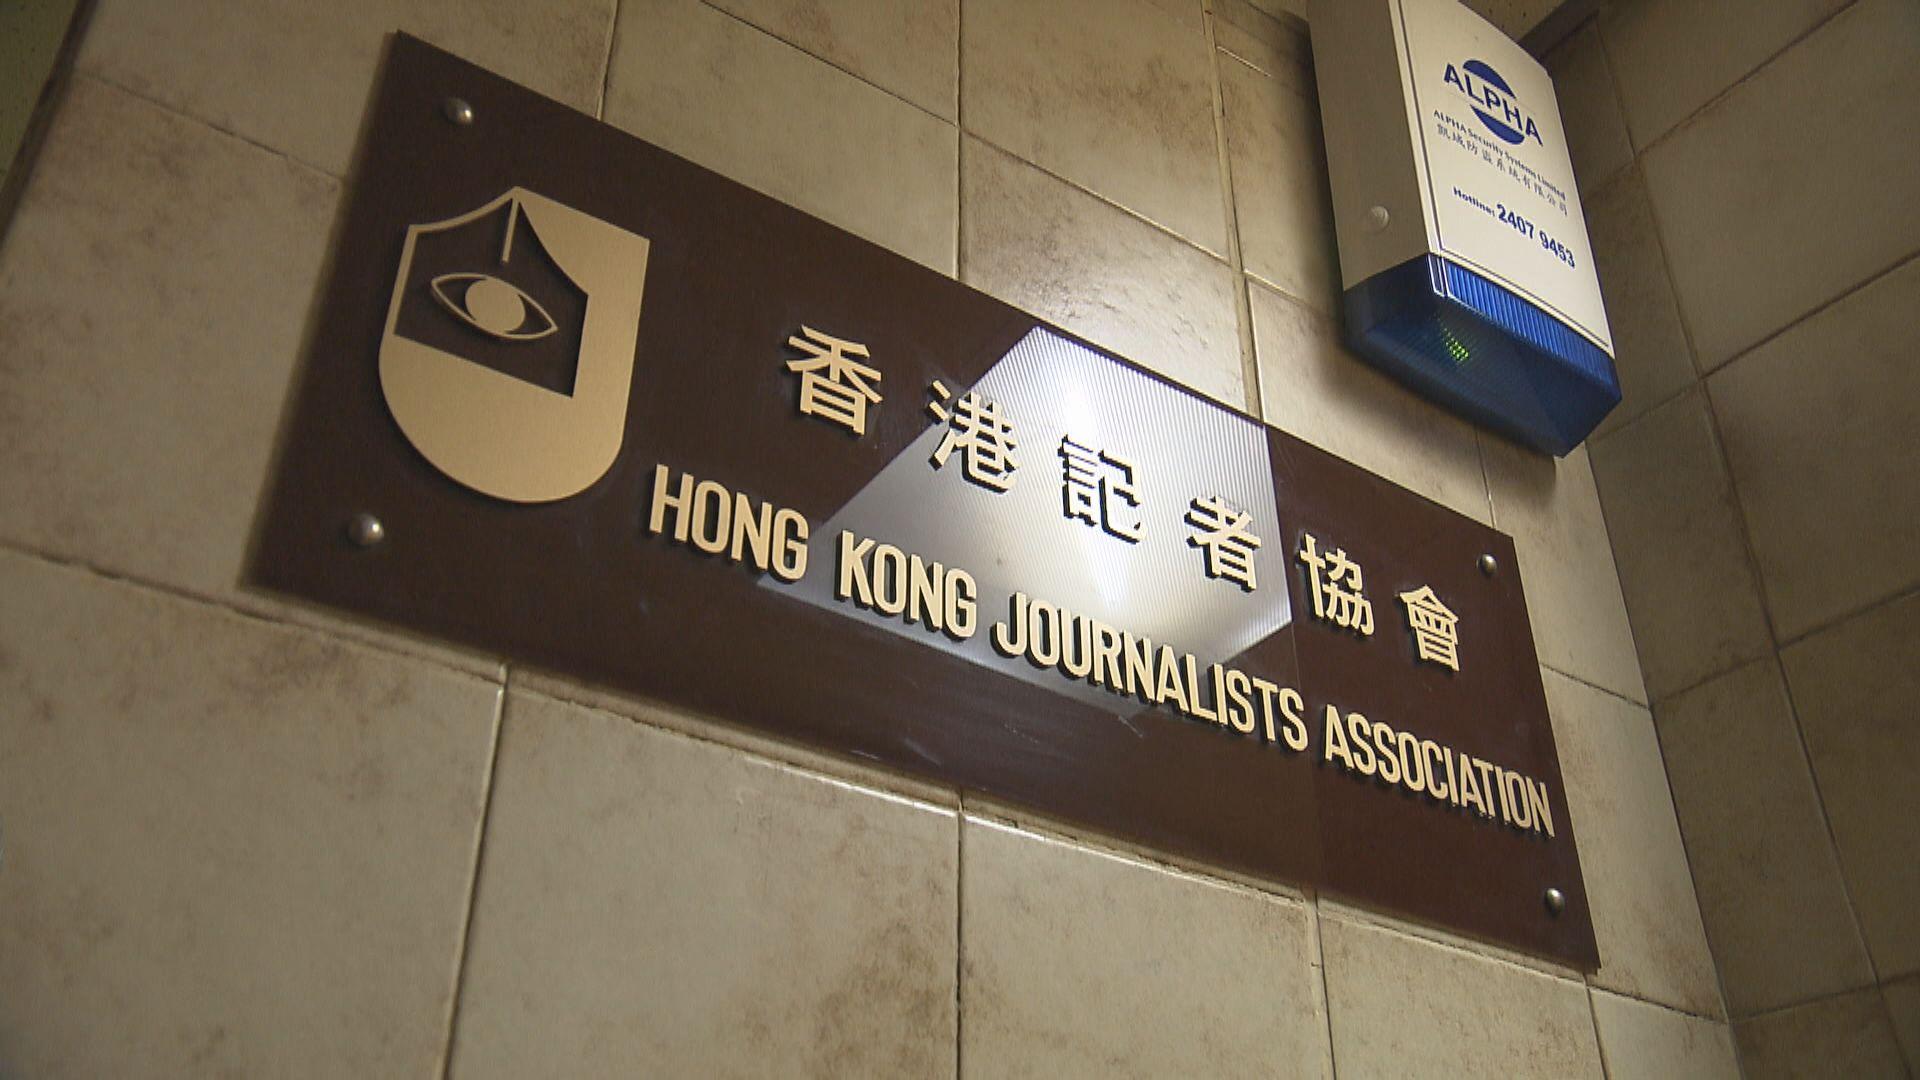 港台記者遭汽油彈擊中受傷 港台及記協嚴厲譴責